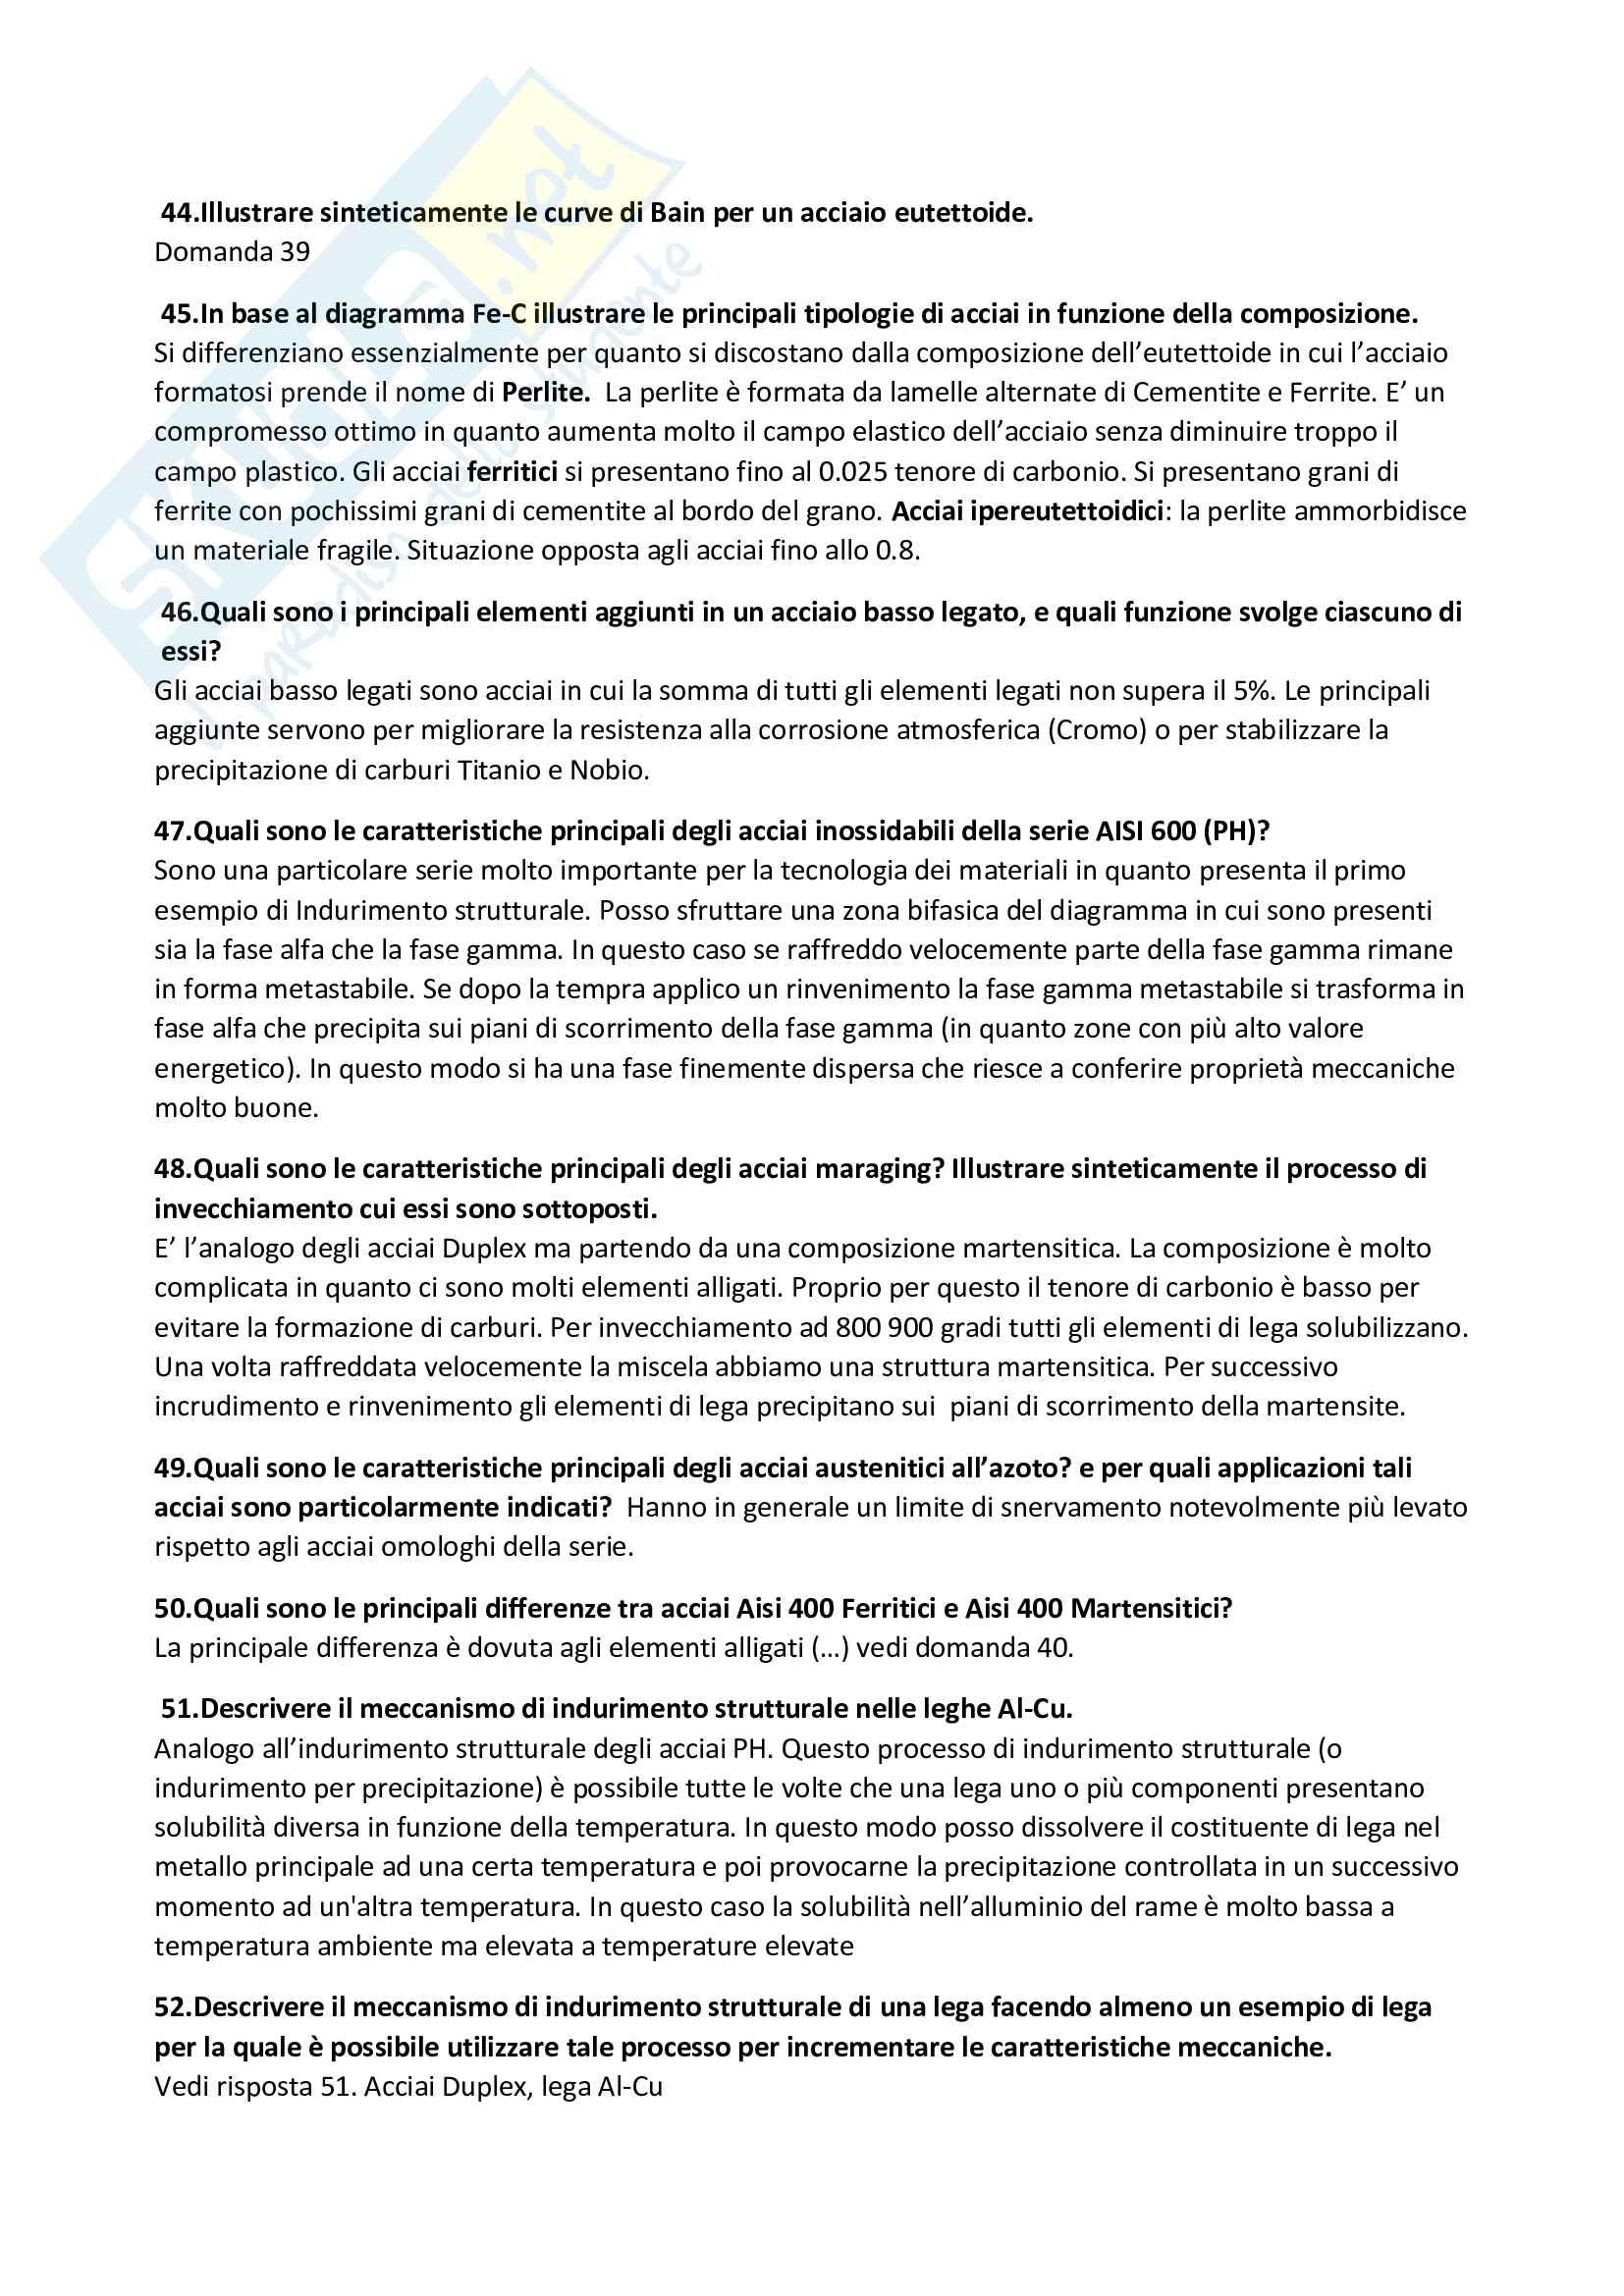 Domande e risposte Tecnologia dei materiali Pag. 6